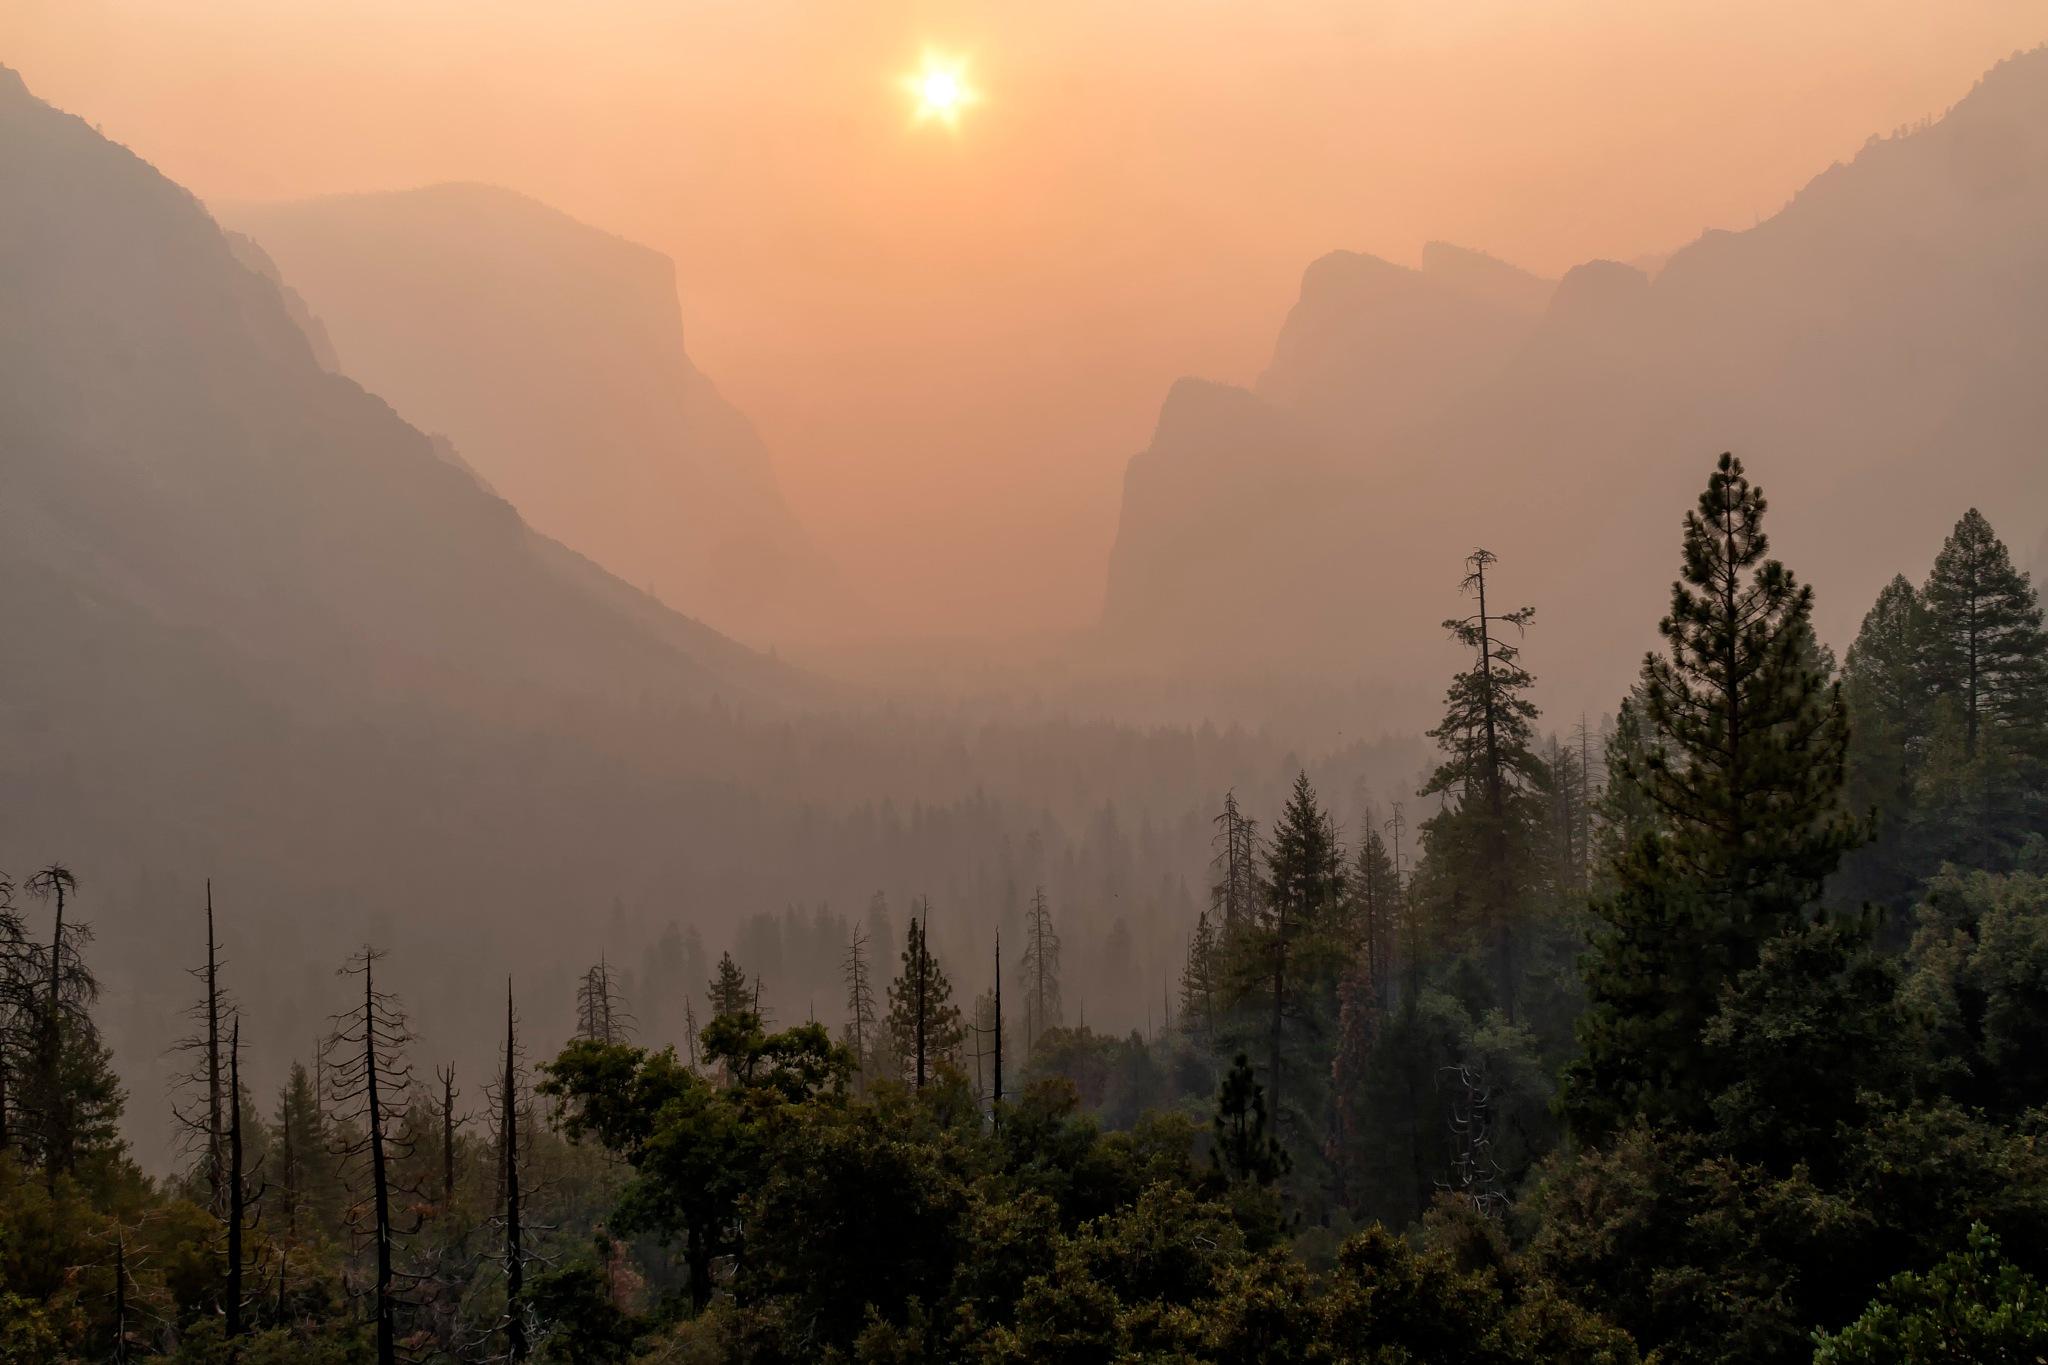 Fire smoke in Yosemite Valley by SterlingLanier